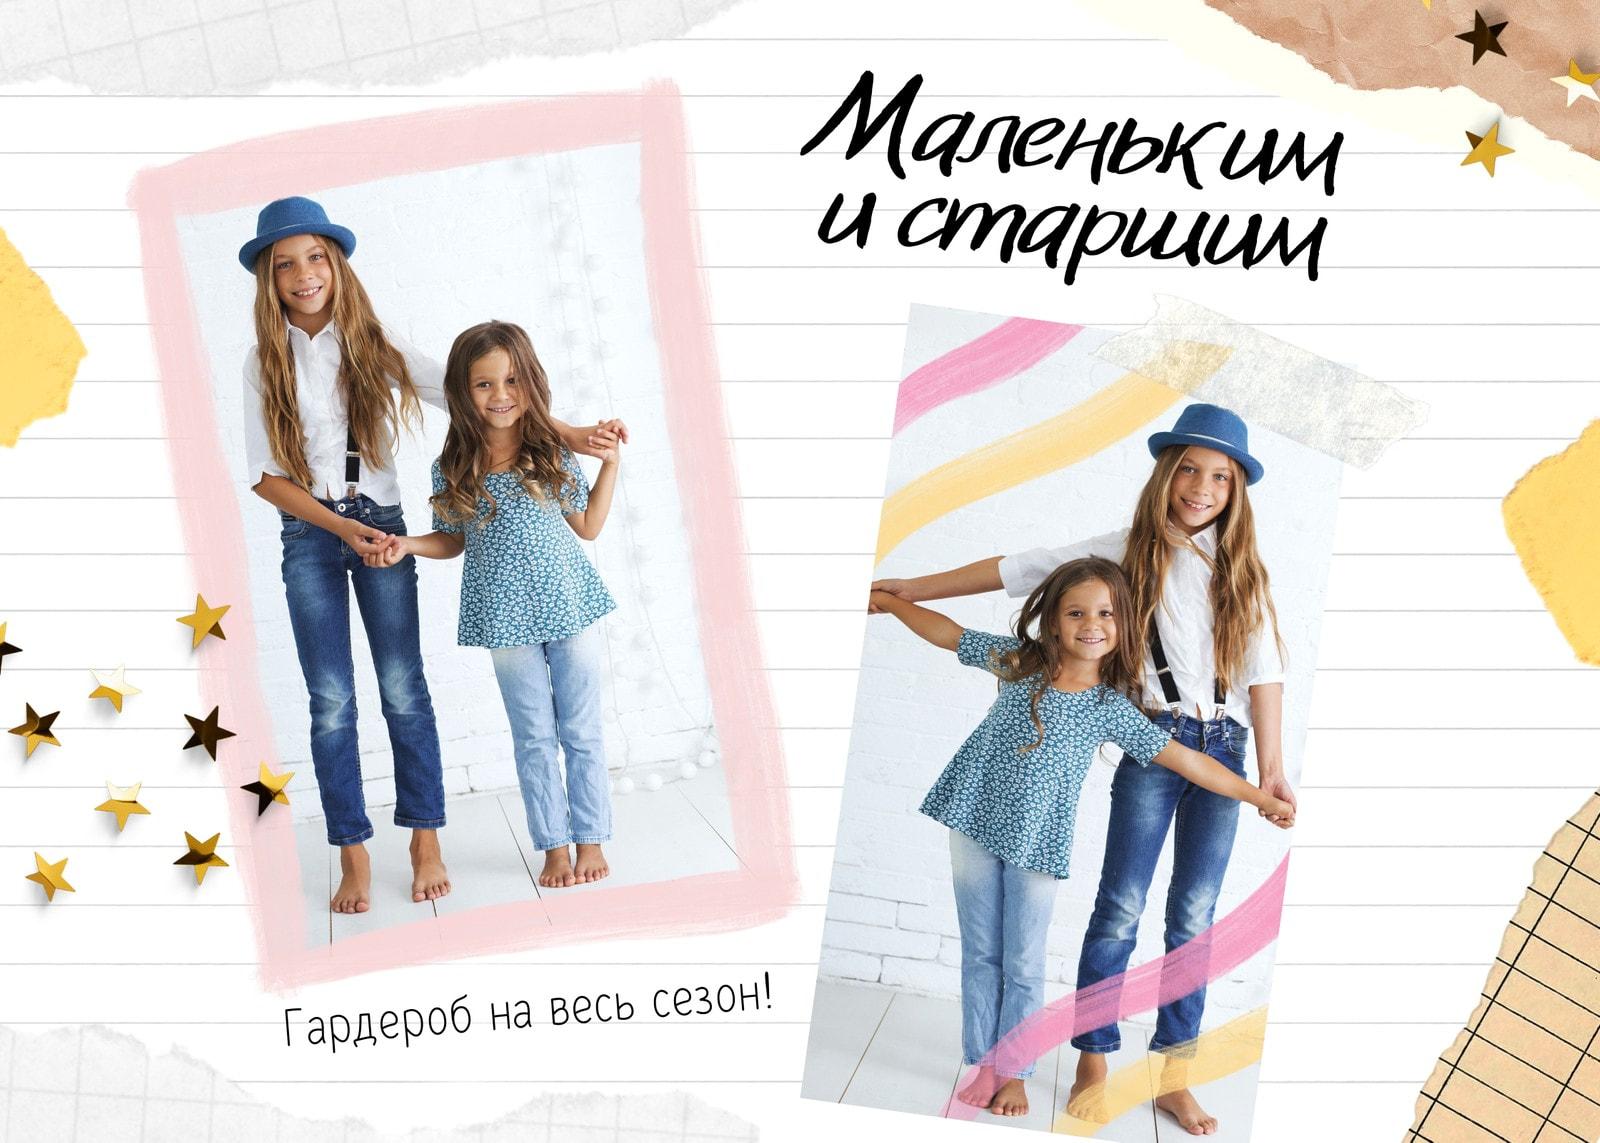 Белая публикация в ВК с коллажем детских фотографий